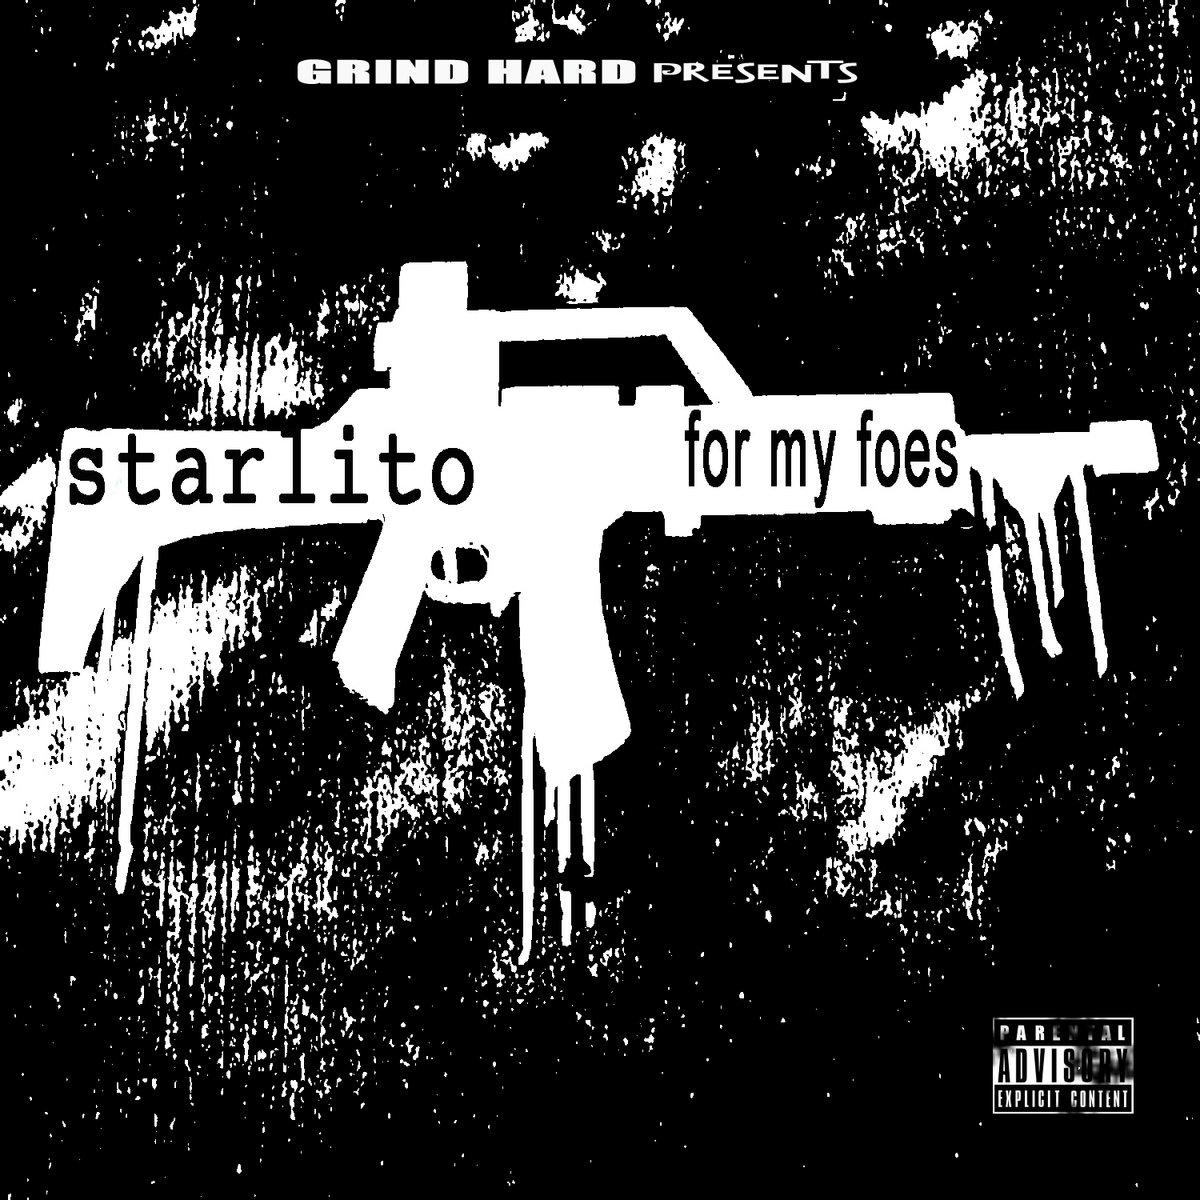 Leash on life starlito free mp3 download.